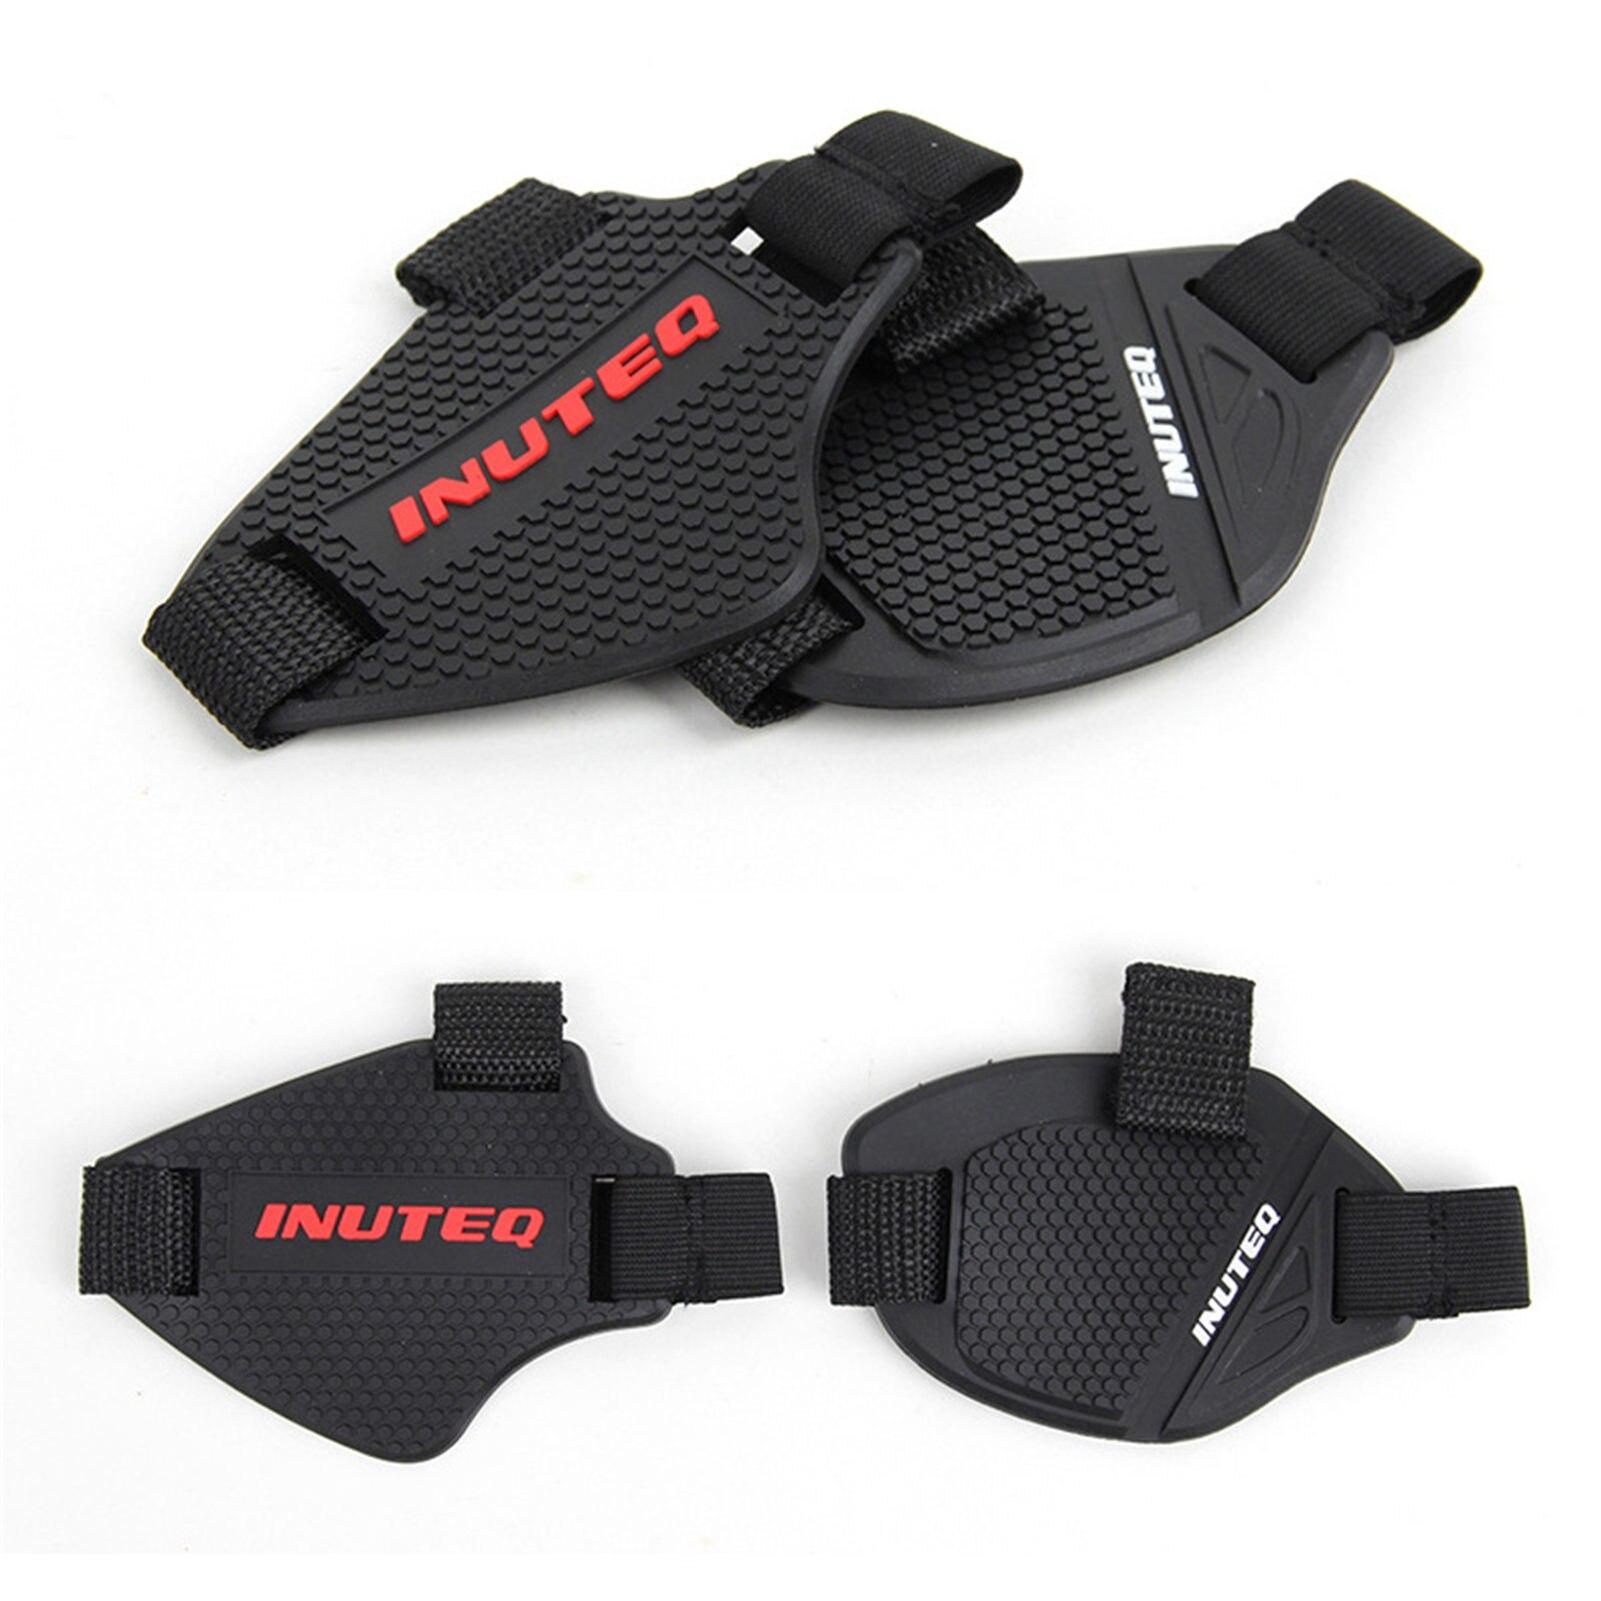 Регулируемый Чехол для мотоциклетной обуви, легкая защита для ботинок, аксессуары для езды на мотоцикле